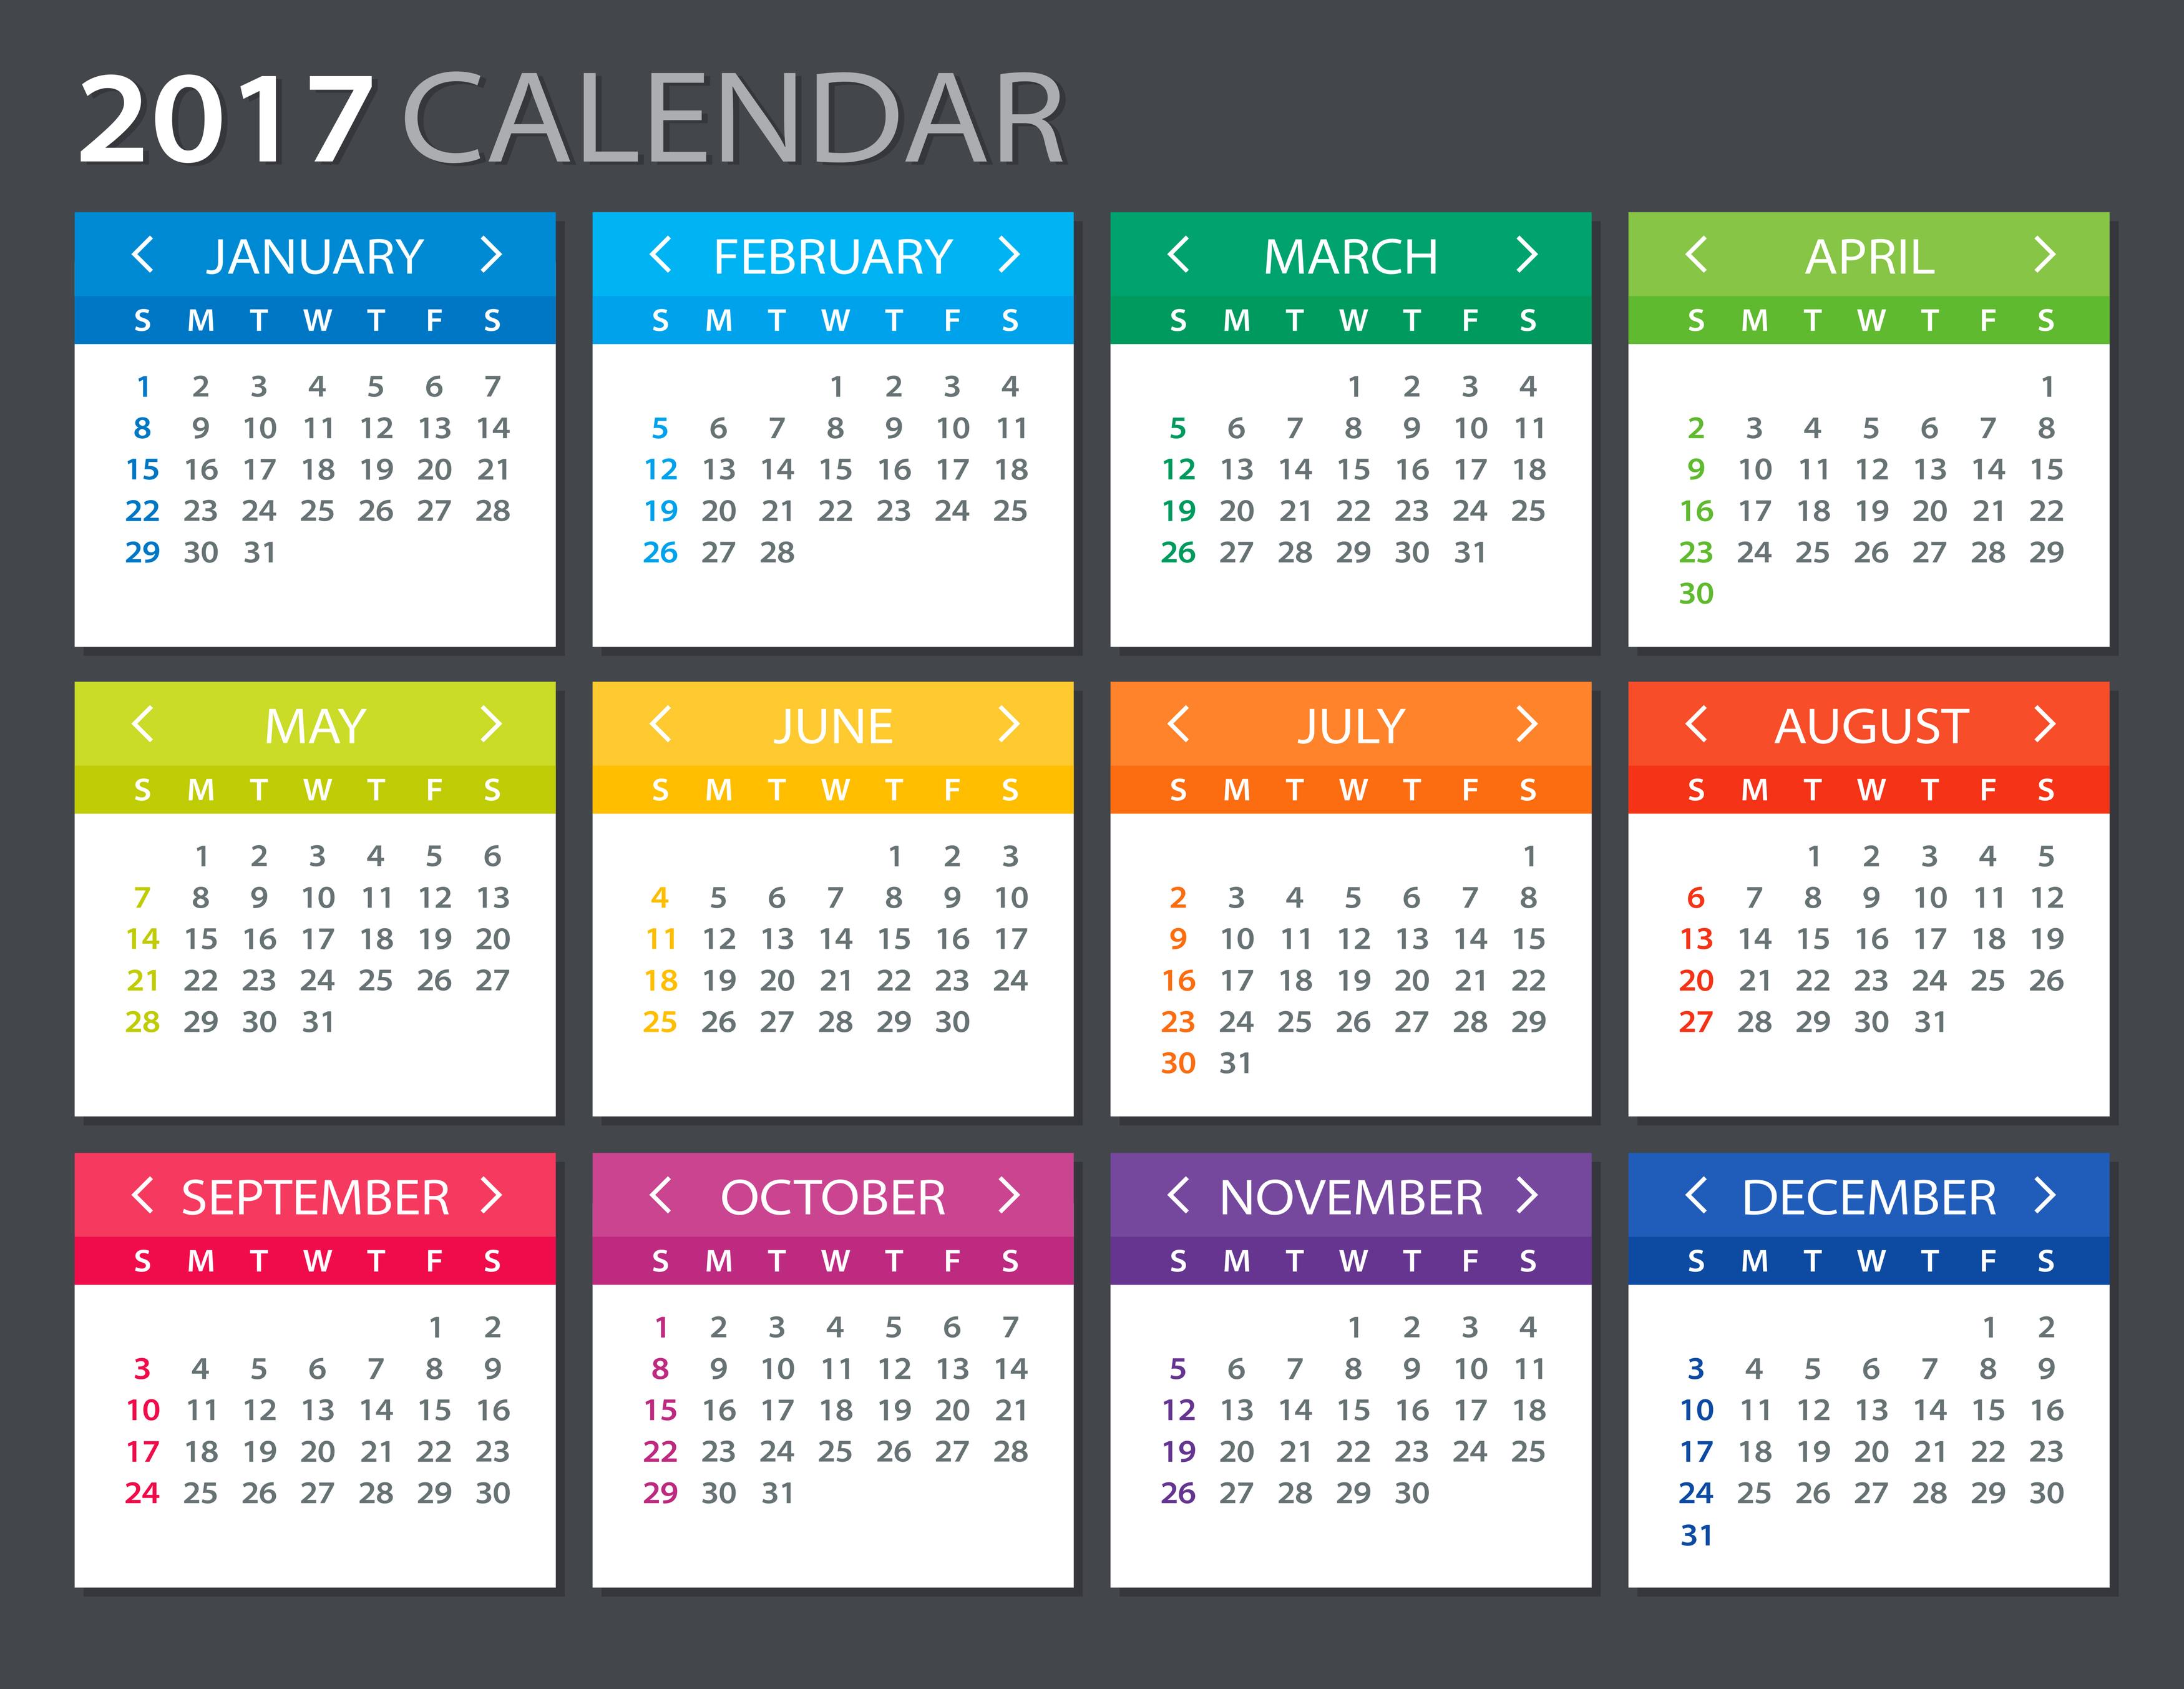 zile libere în 2017. calendarul liberelor legale